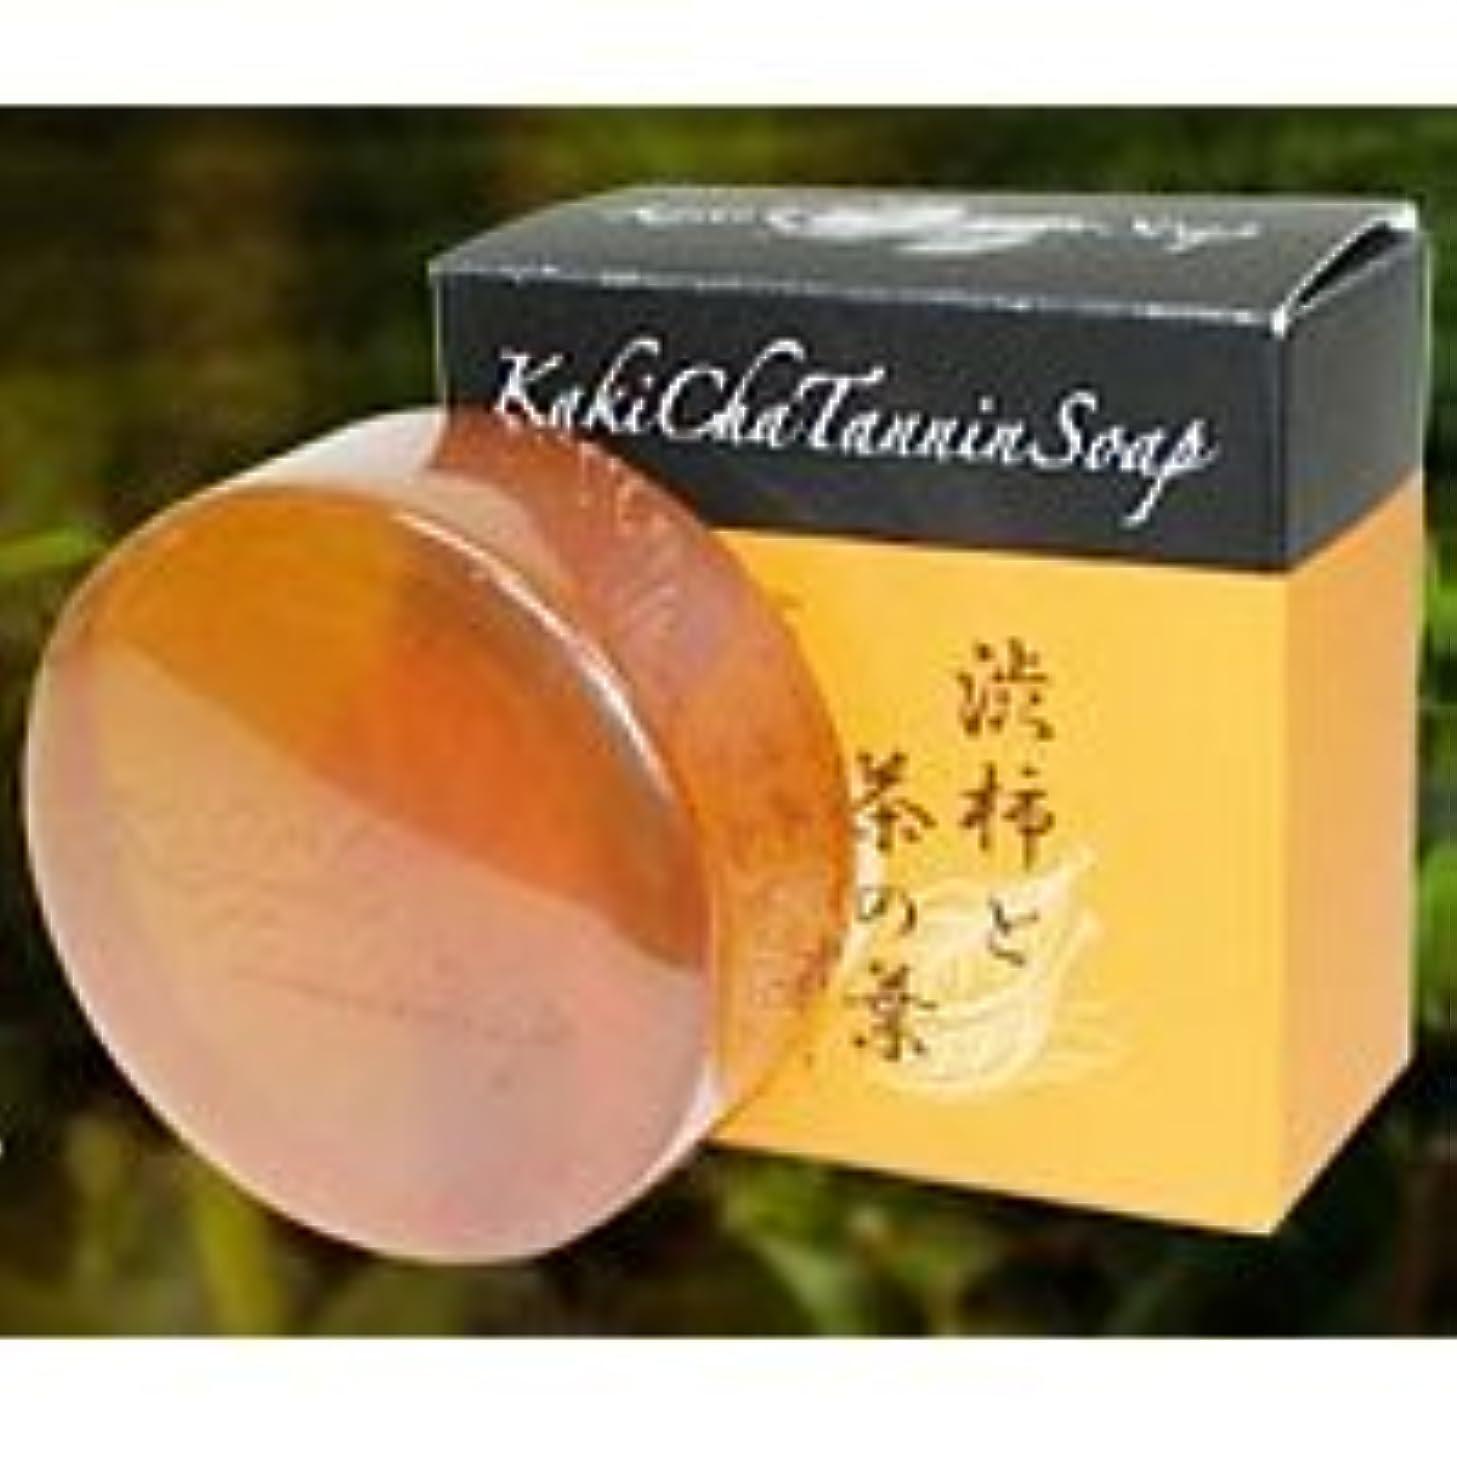 クレデンシャル連鎖ゆるいカキチャタンニンソープ 安心の日本製 カキチャタンニンソープ (マイルドクリアソープ) カキチャ タンニンソープ 柿渋ソープ